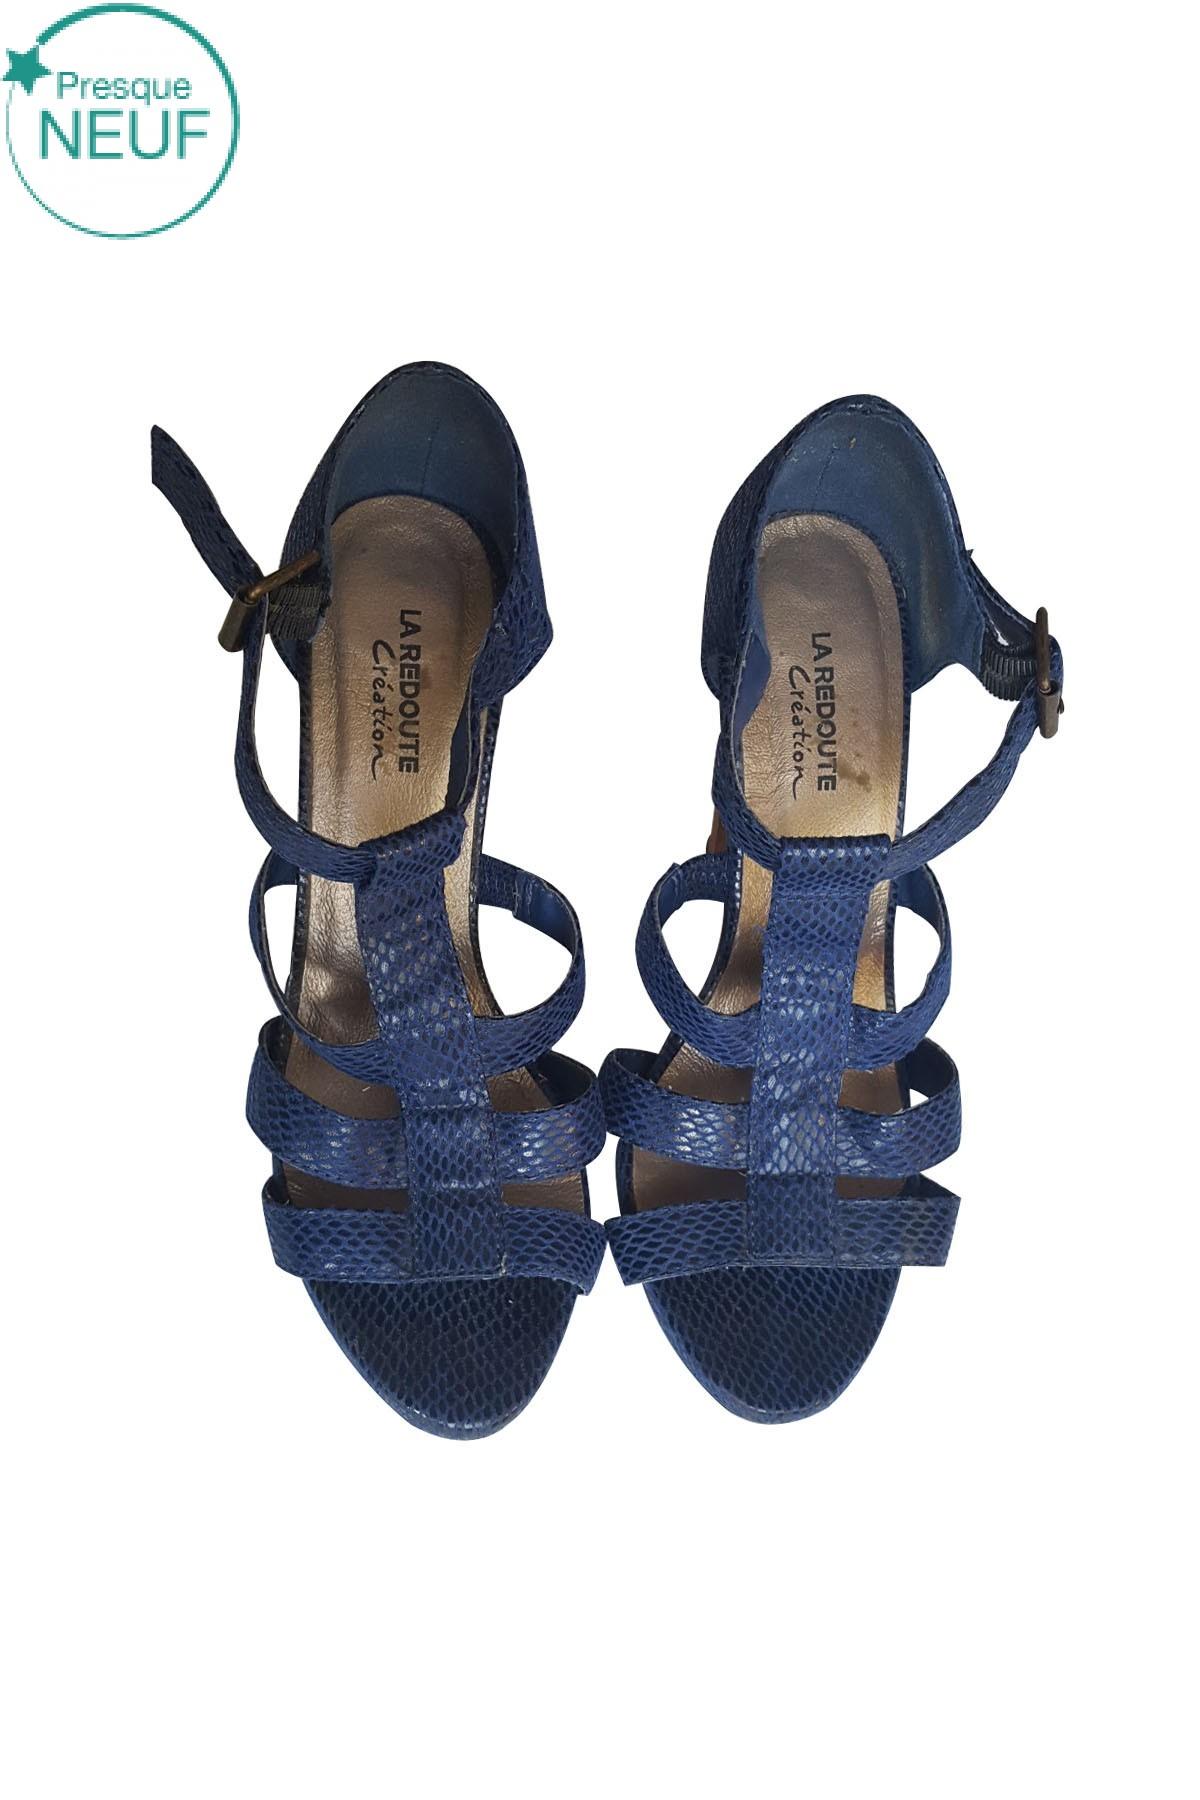 Création Chaussures 37 Pikxzuot Sandales Redoute Femme Pointure La D2WIE9HY